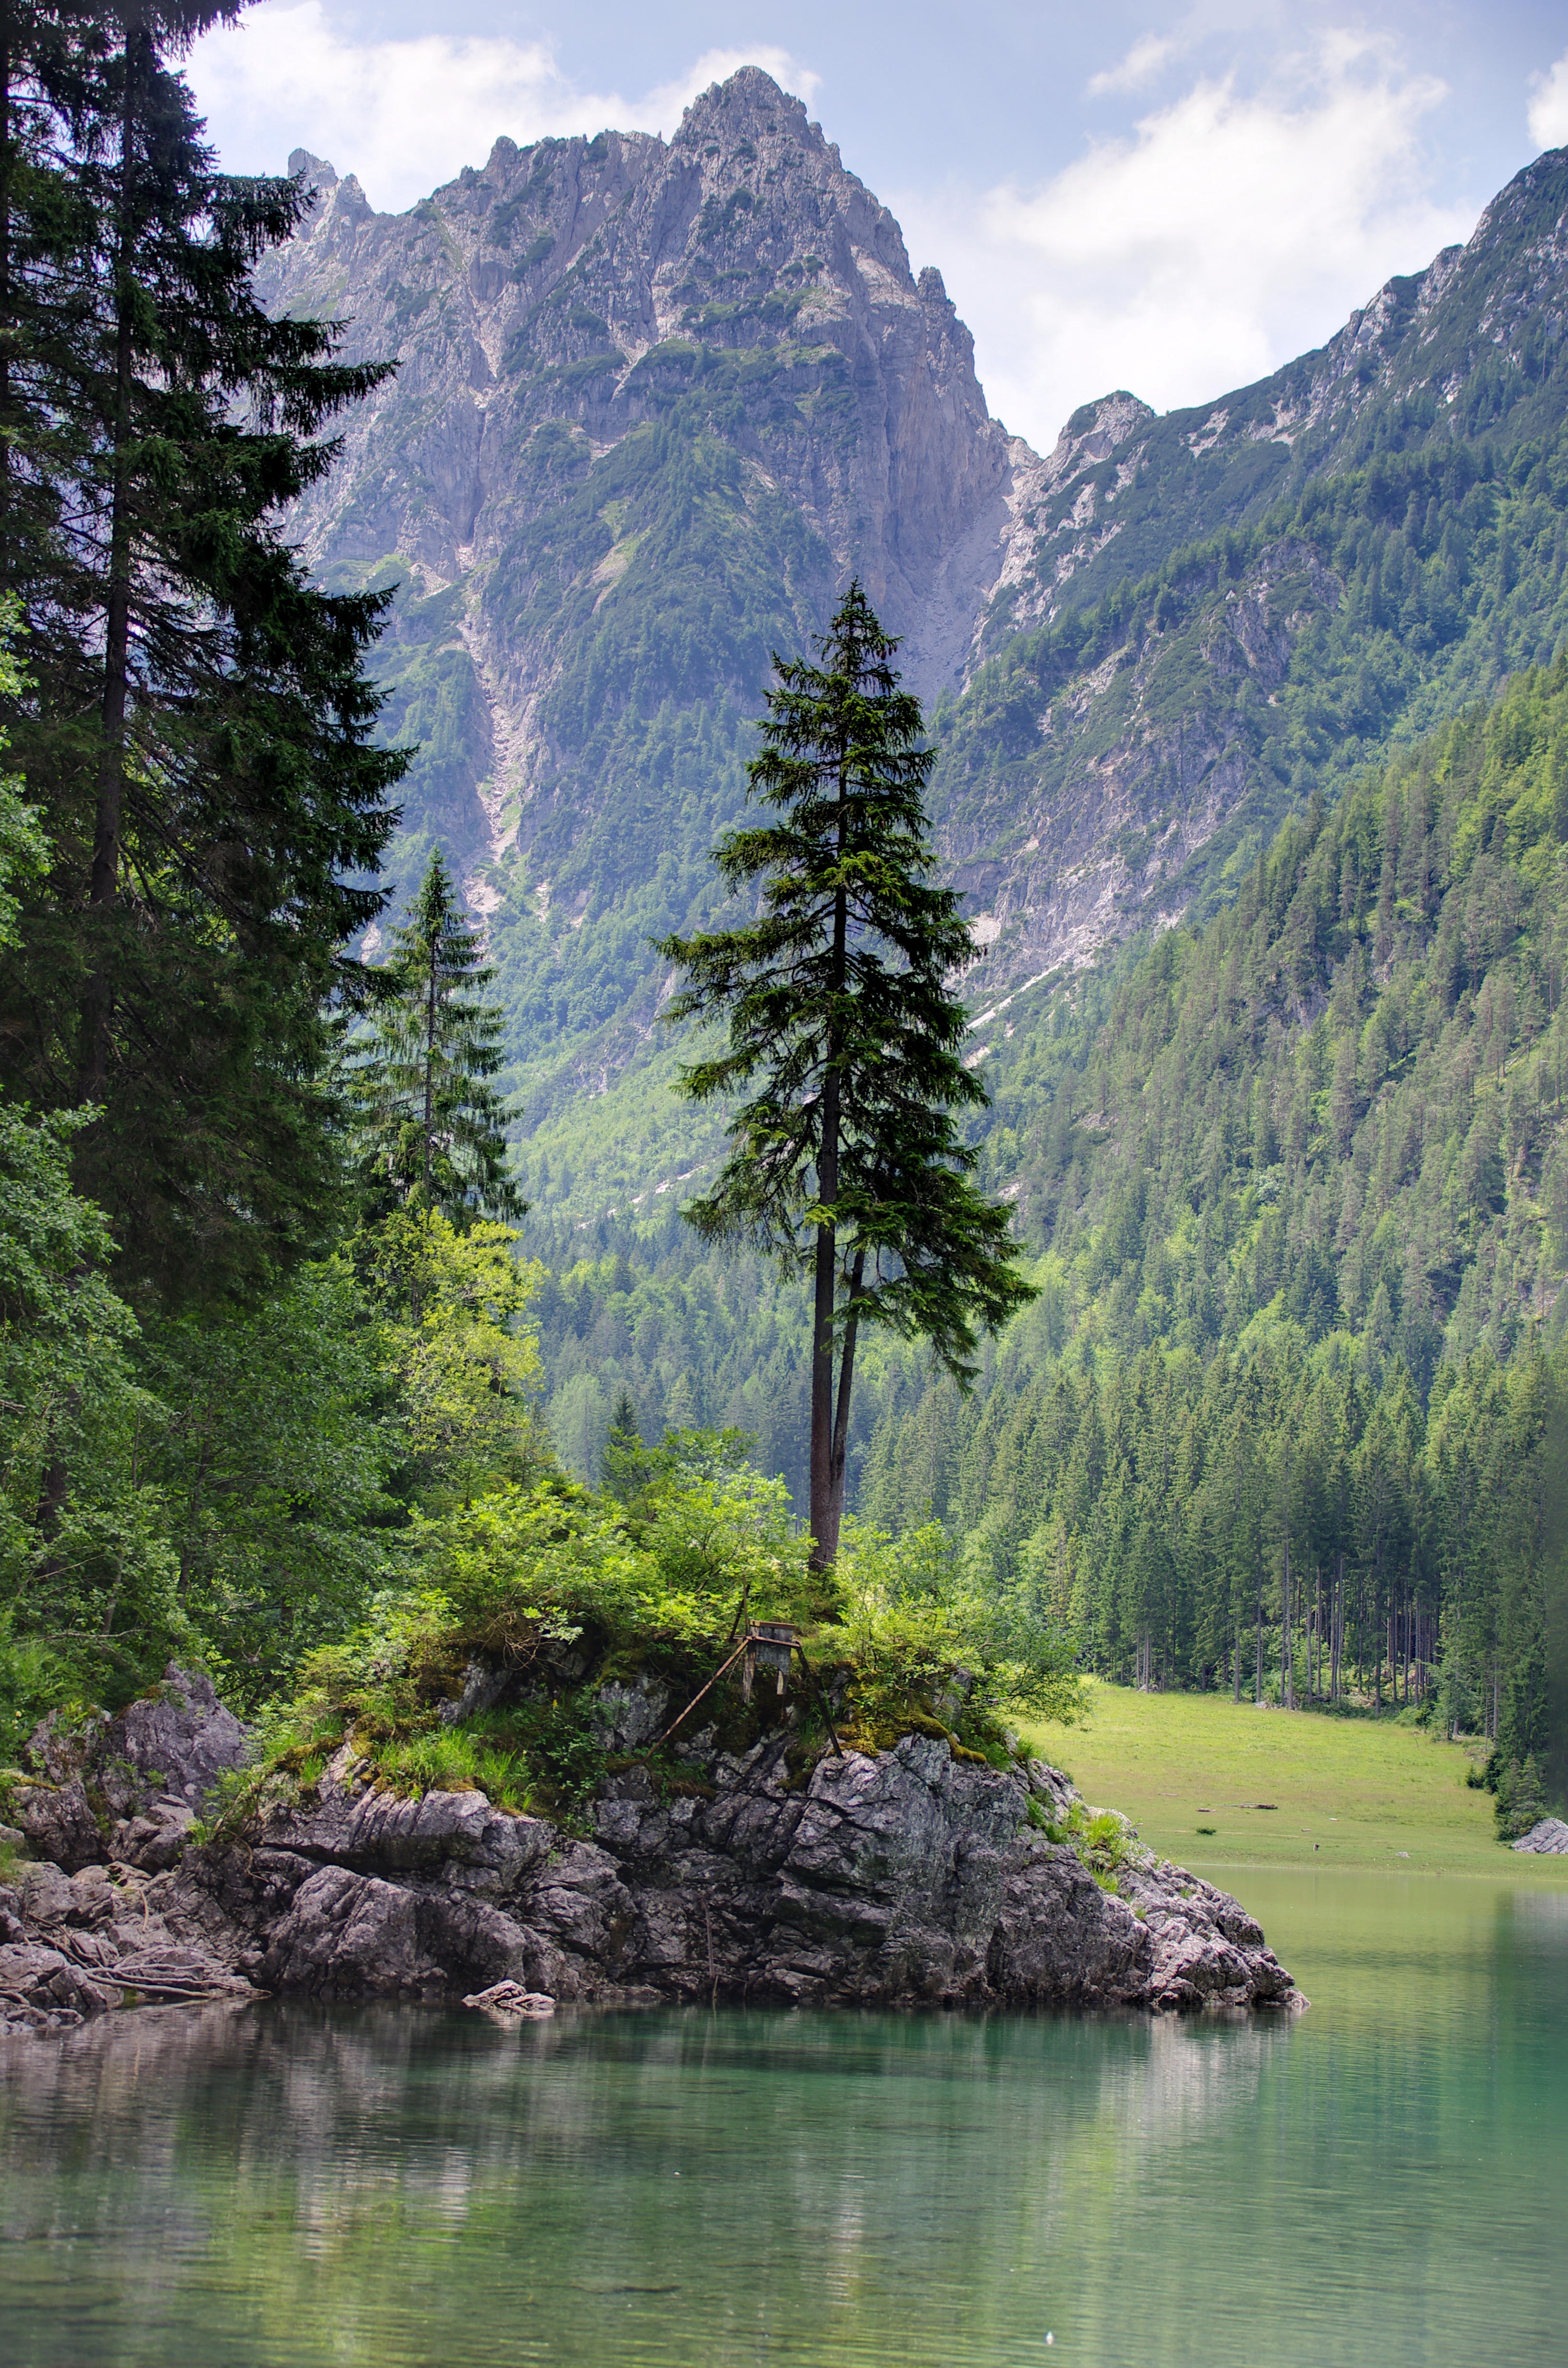 58104 завантажити шпалери Пейзаж, Природа, Дерева, Гори, Озеро, Берег, Банк - заставки і картинки безкоштовно